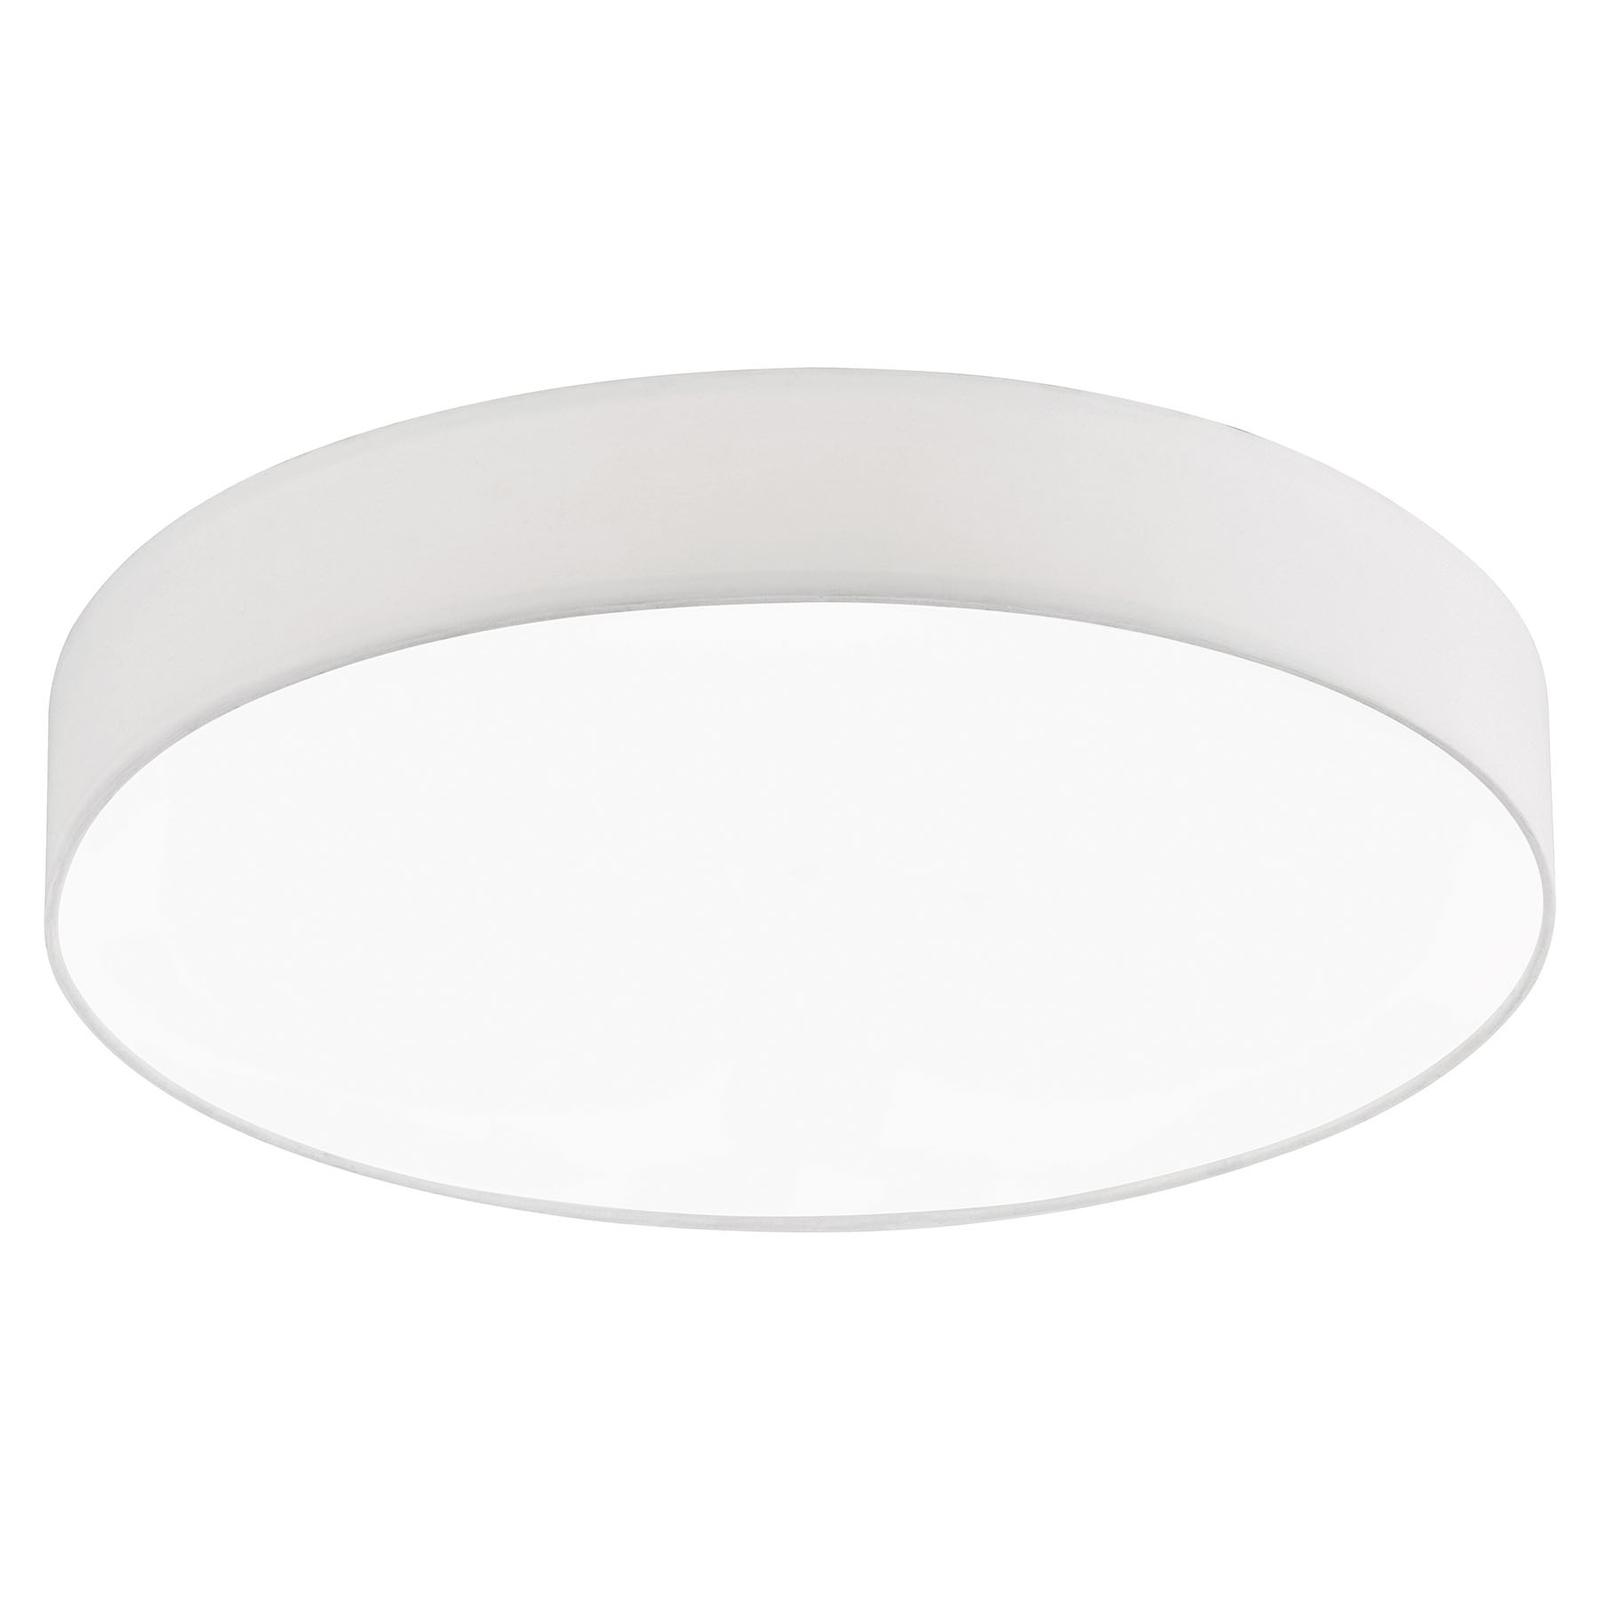 Schöner Wohnen Pina plafonnier LED, blanc